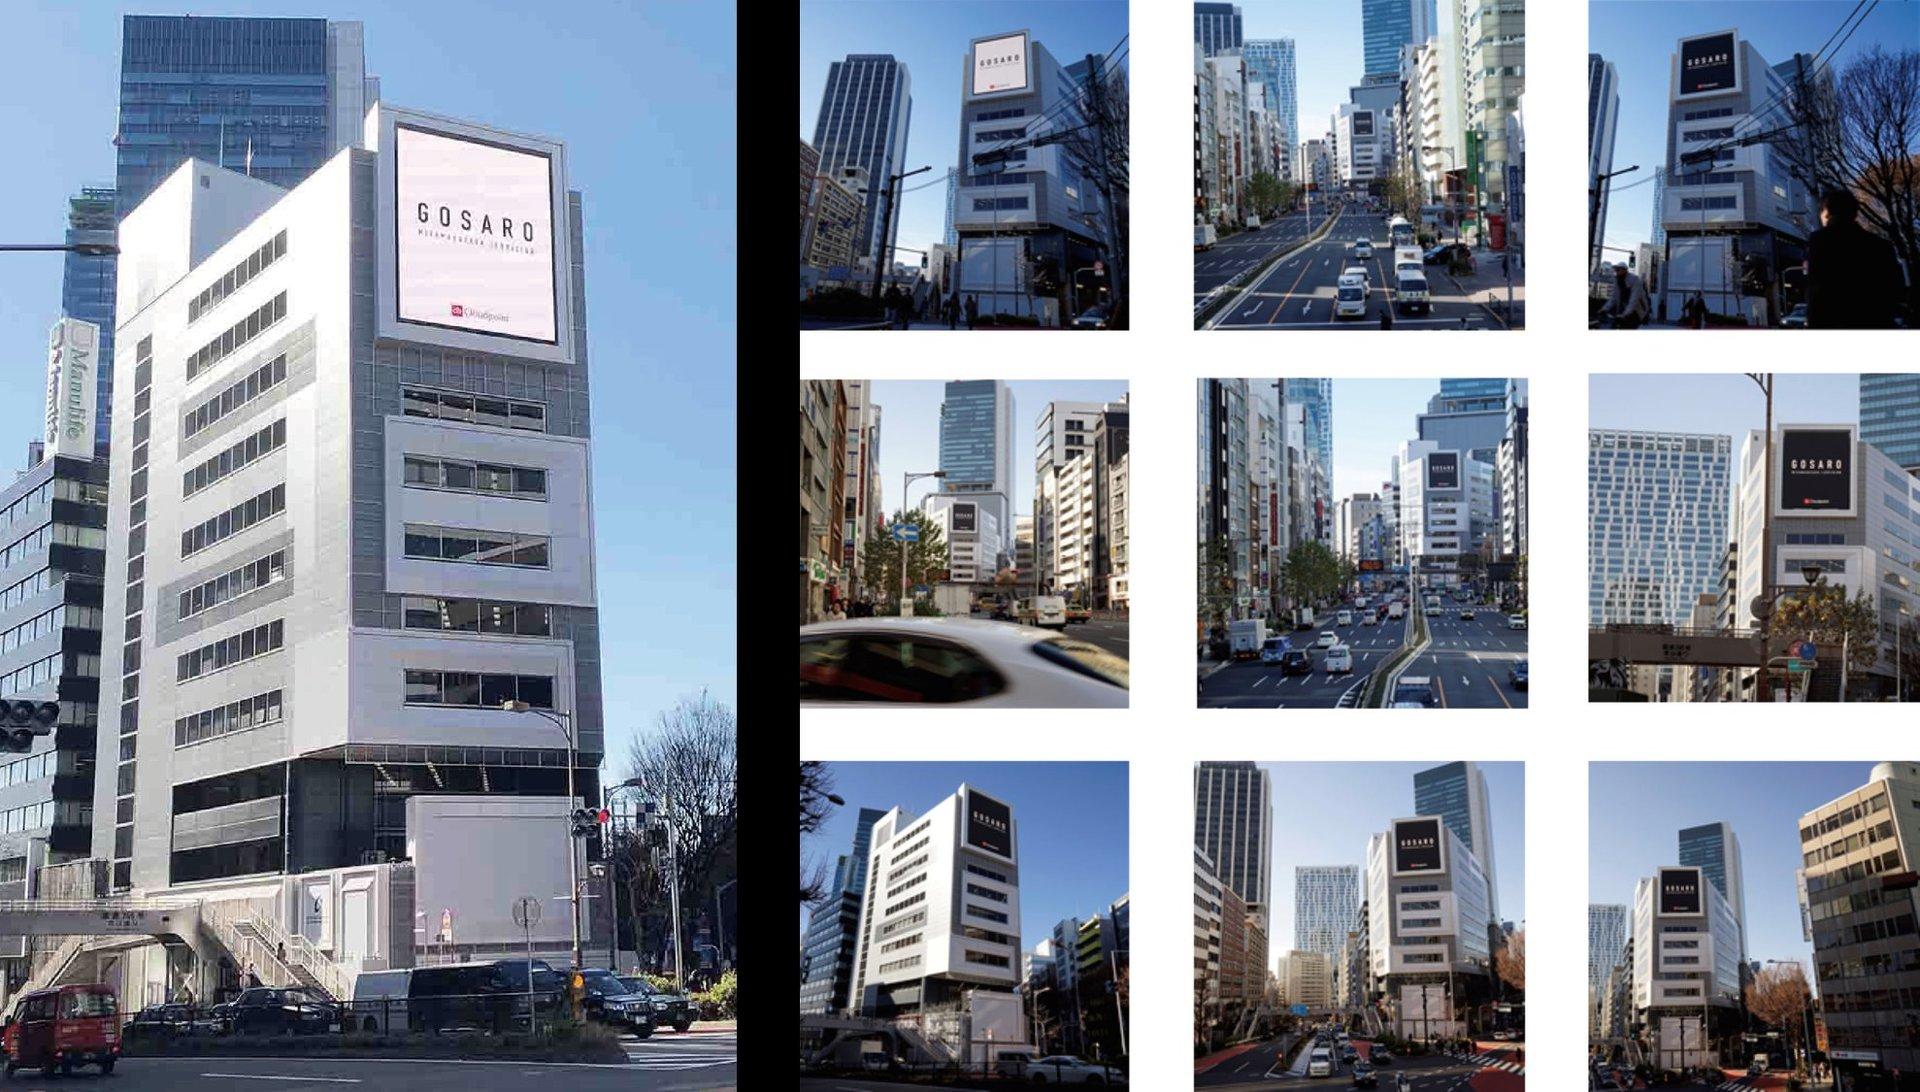 渋谷宮益坂で90m2超の大型ビジョンが点灯、クラウドポイント